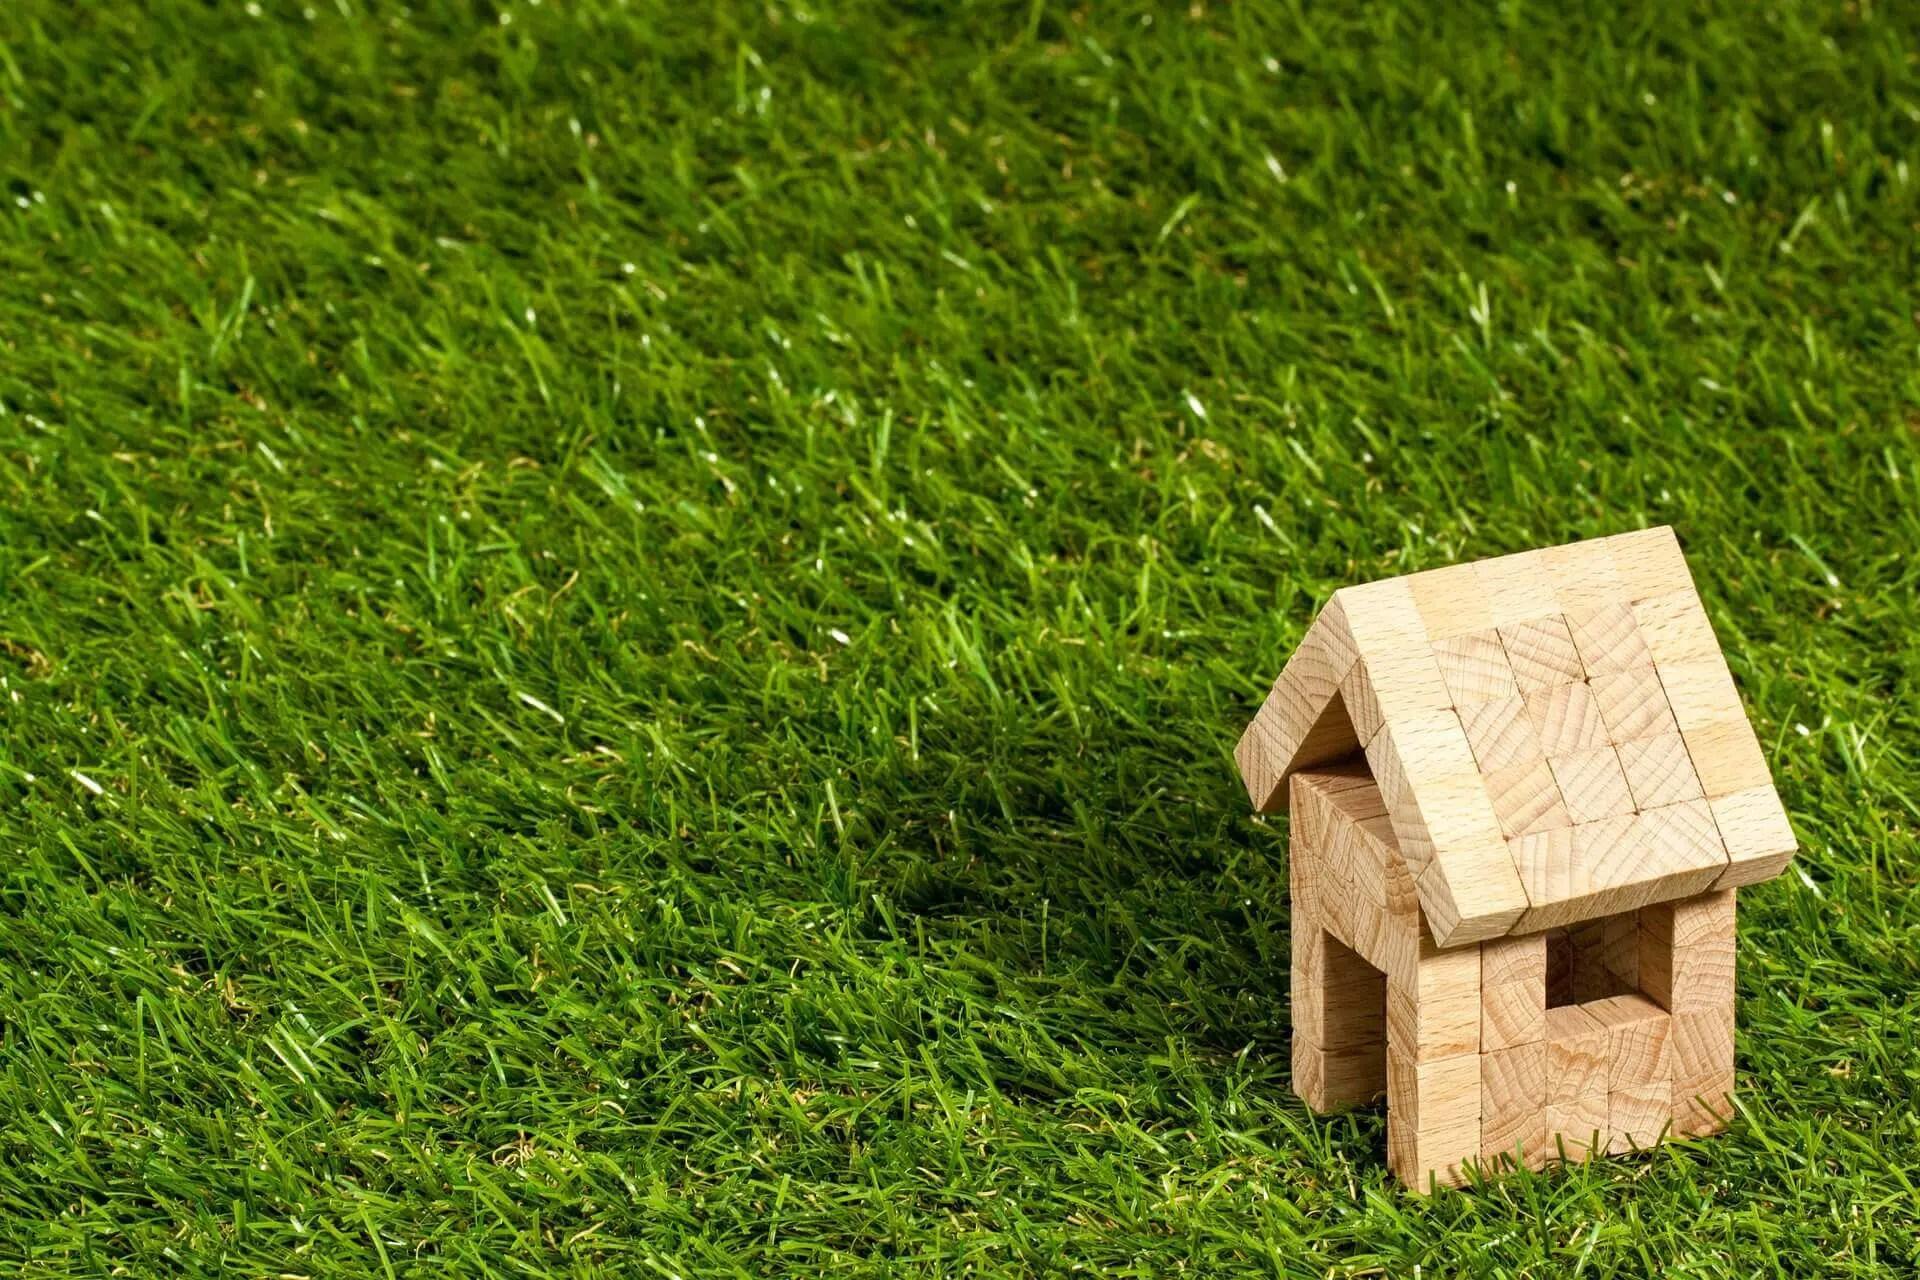 Haus auf grüner Wiese